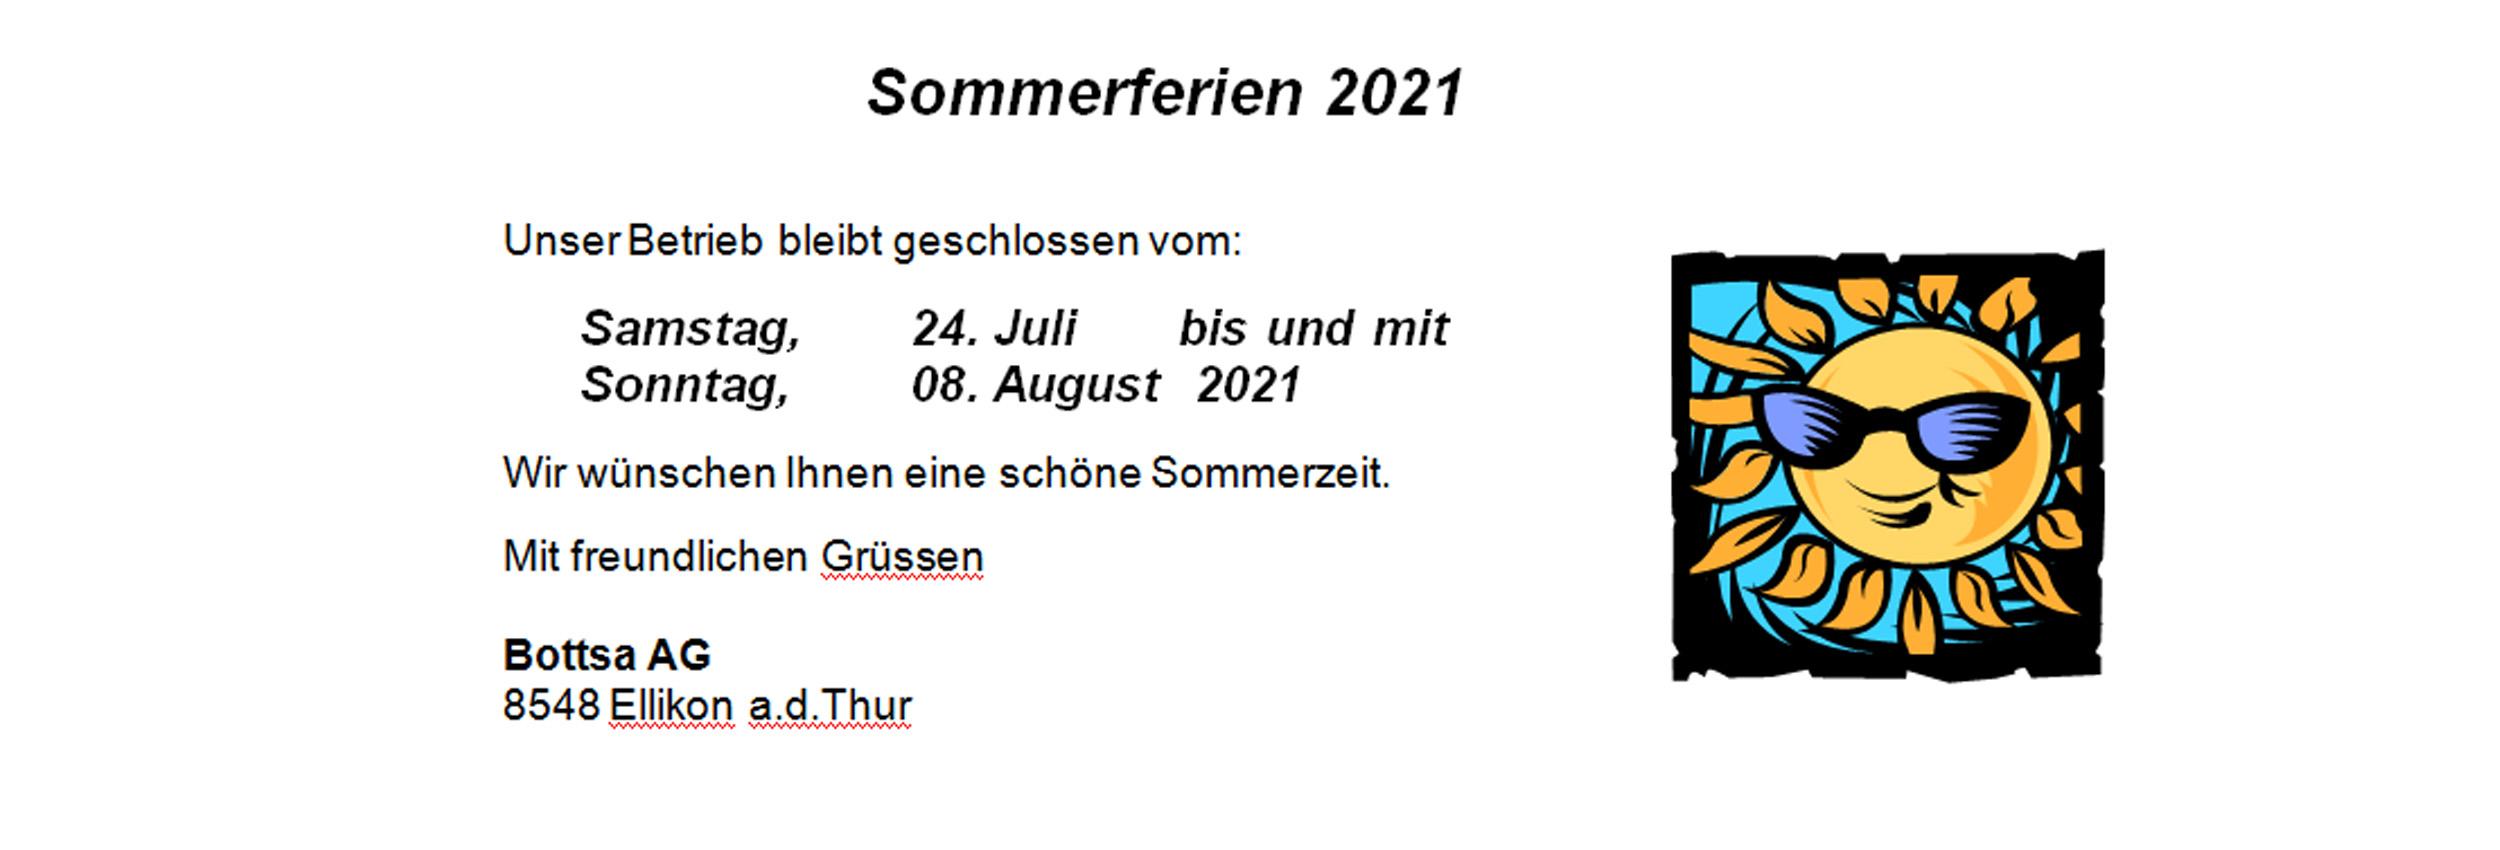 Ferien 2021